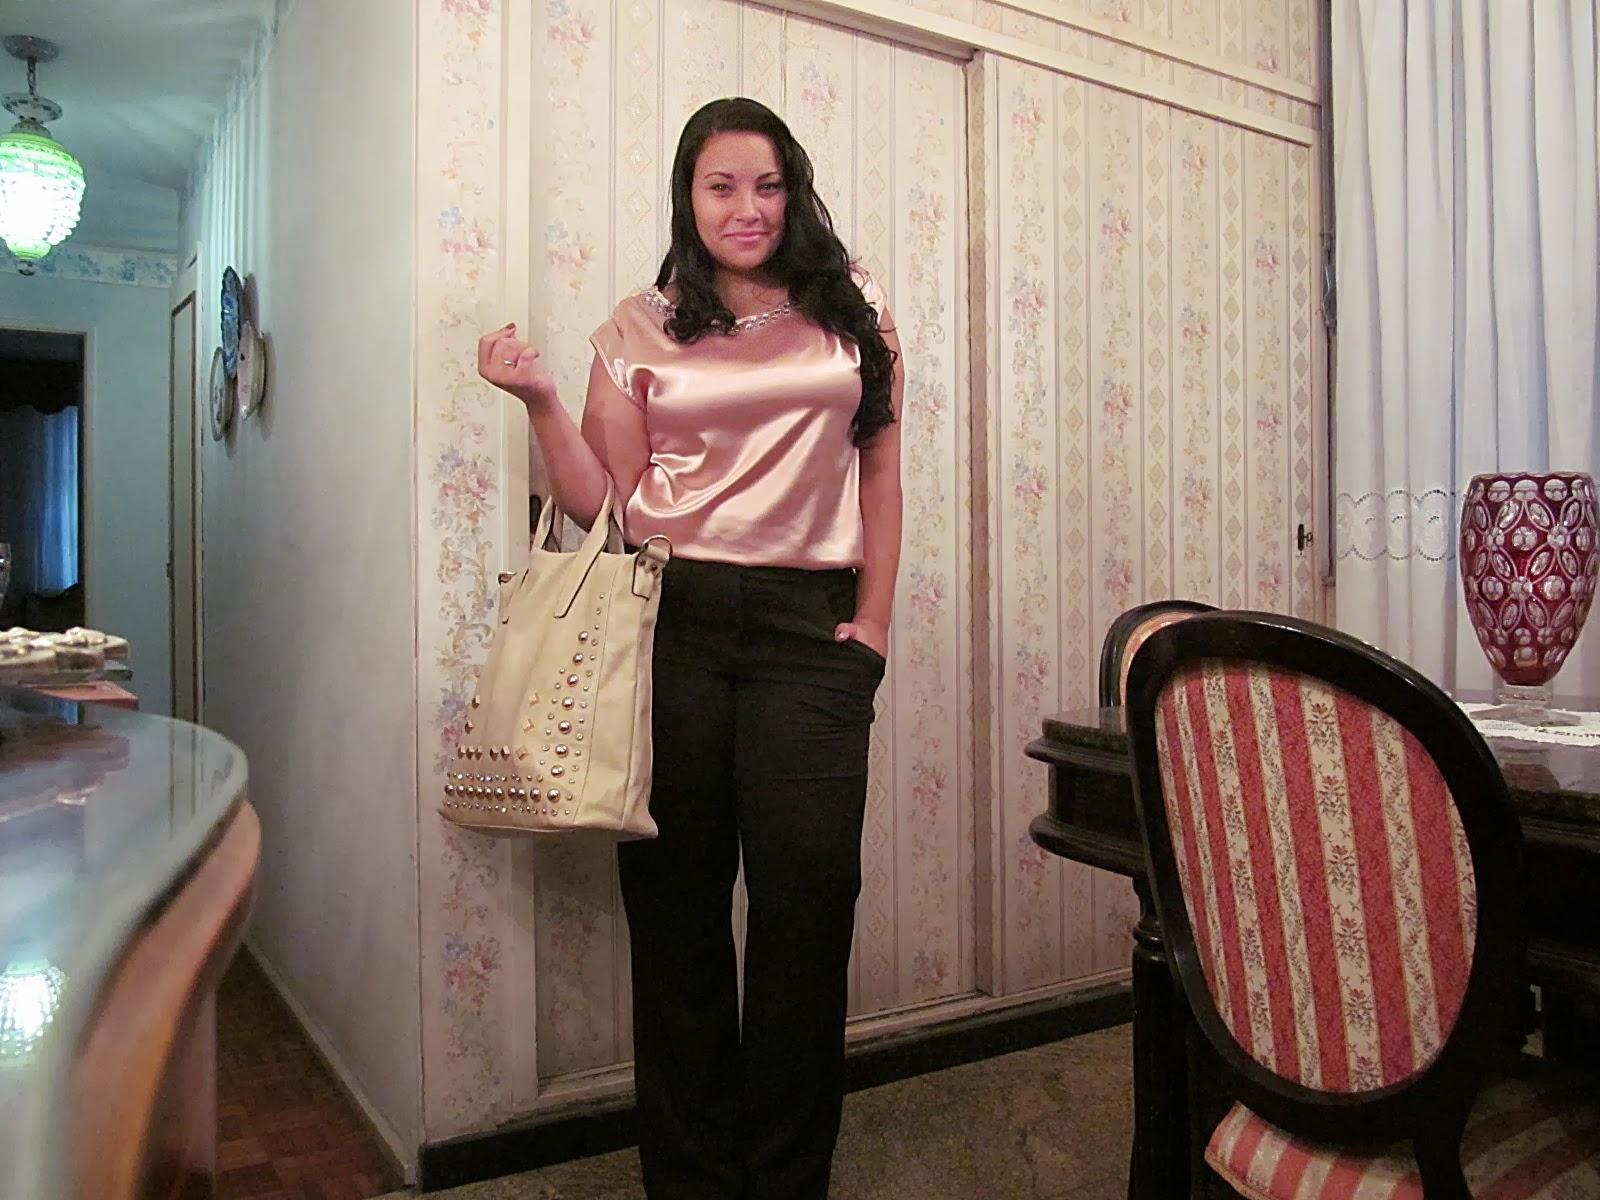 f65a03d10 Hoje vou mostrar o look que usei no domingo para visitar as candidatas do  Miss Plus Size Carioca 2013 que acontecerá no próximo sábado (23).